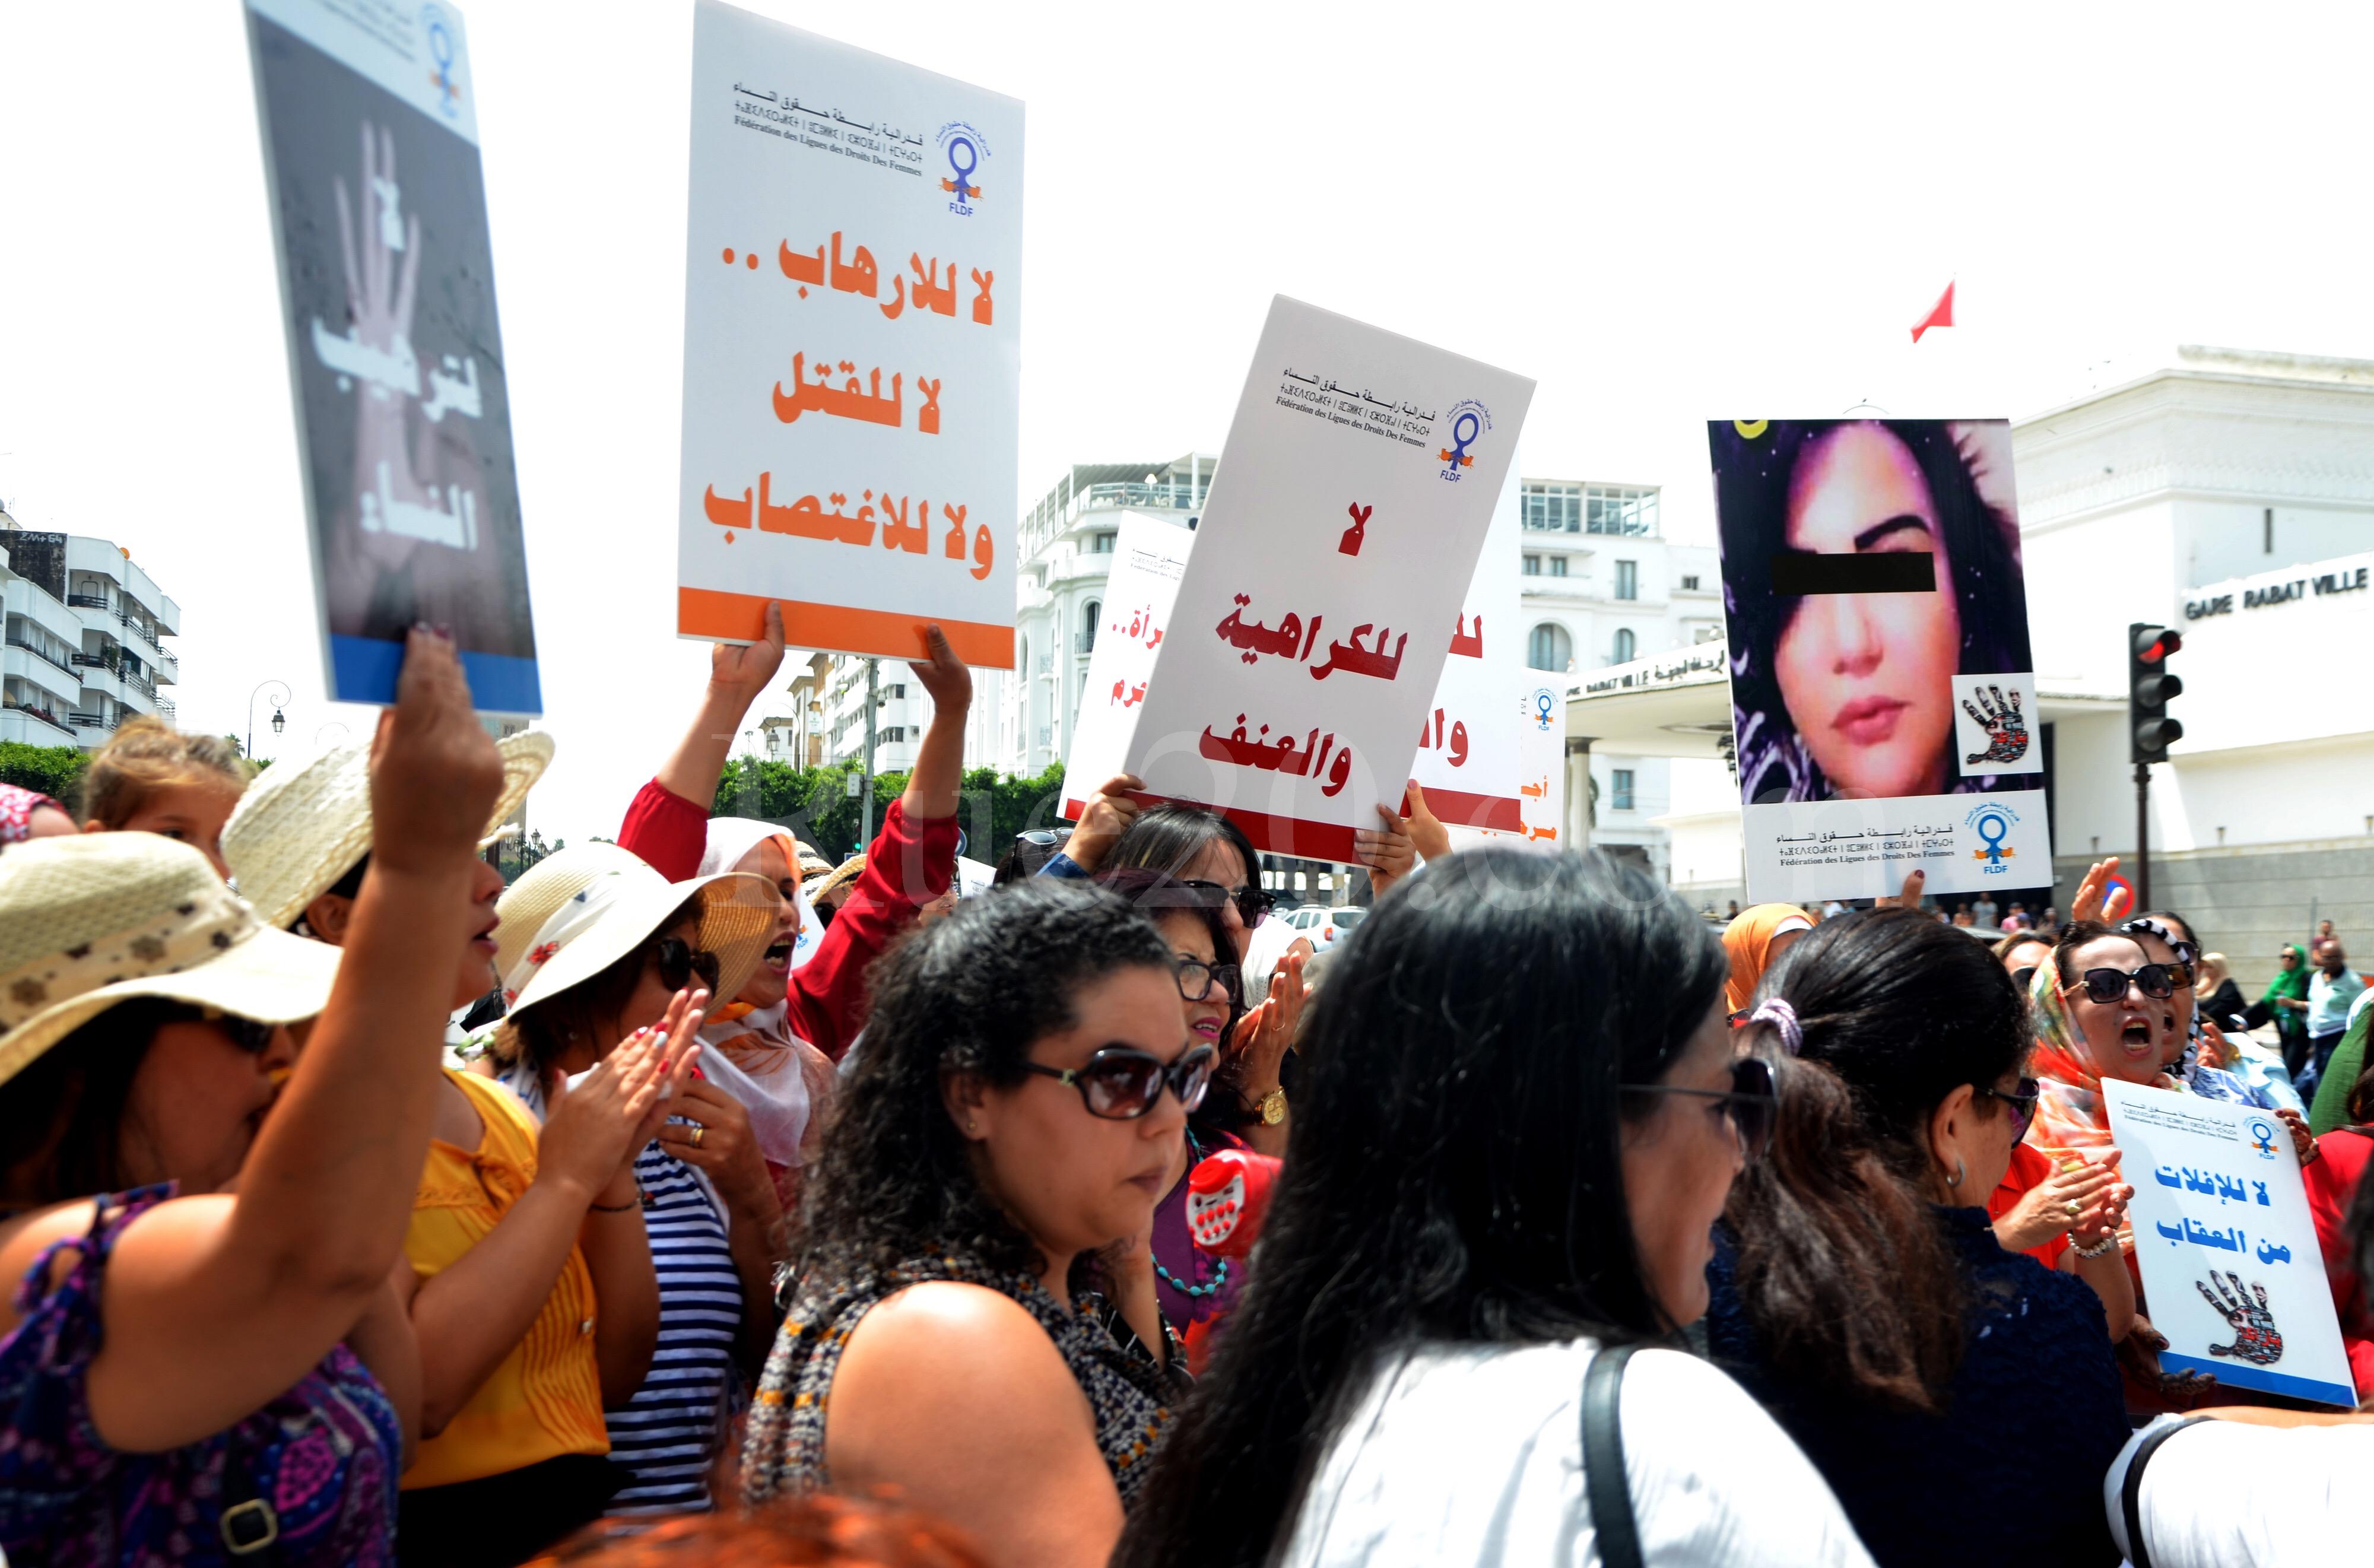 هيئة حقوقية تدق ناقوس خطر تزايد حوادث الإعتداء على النساء بالمغرب و تحمل الحكومة المسؤولية !